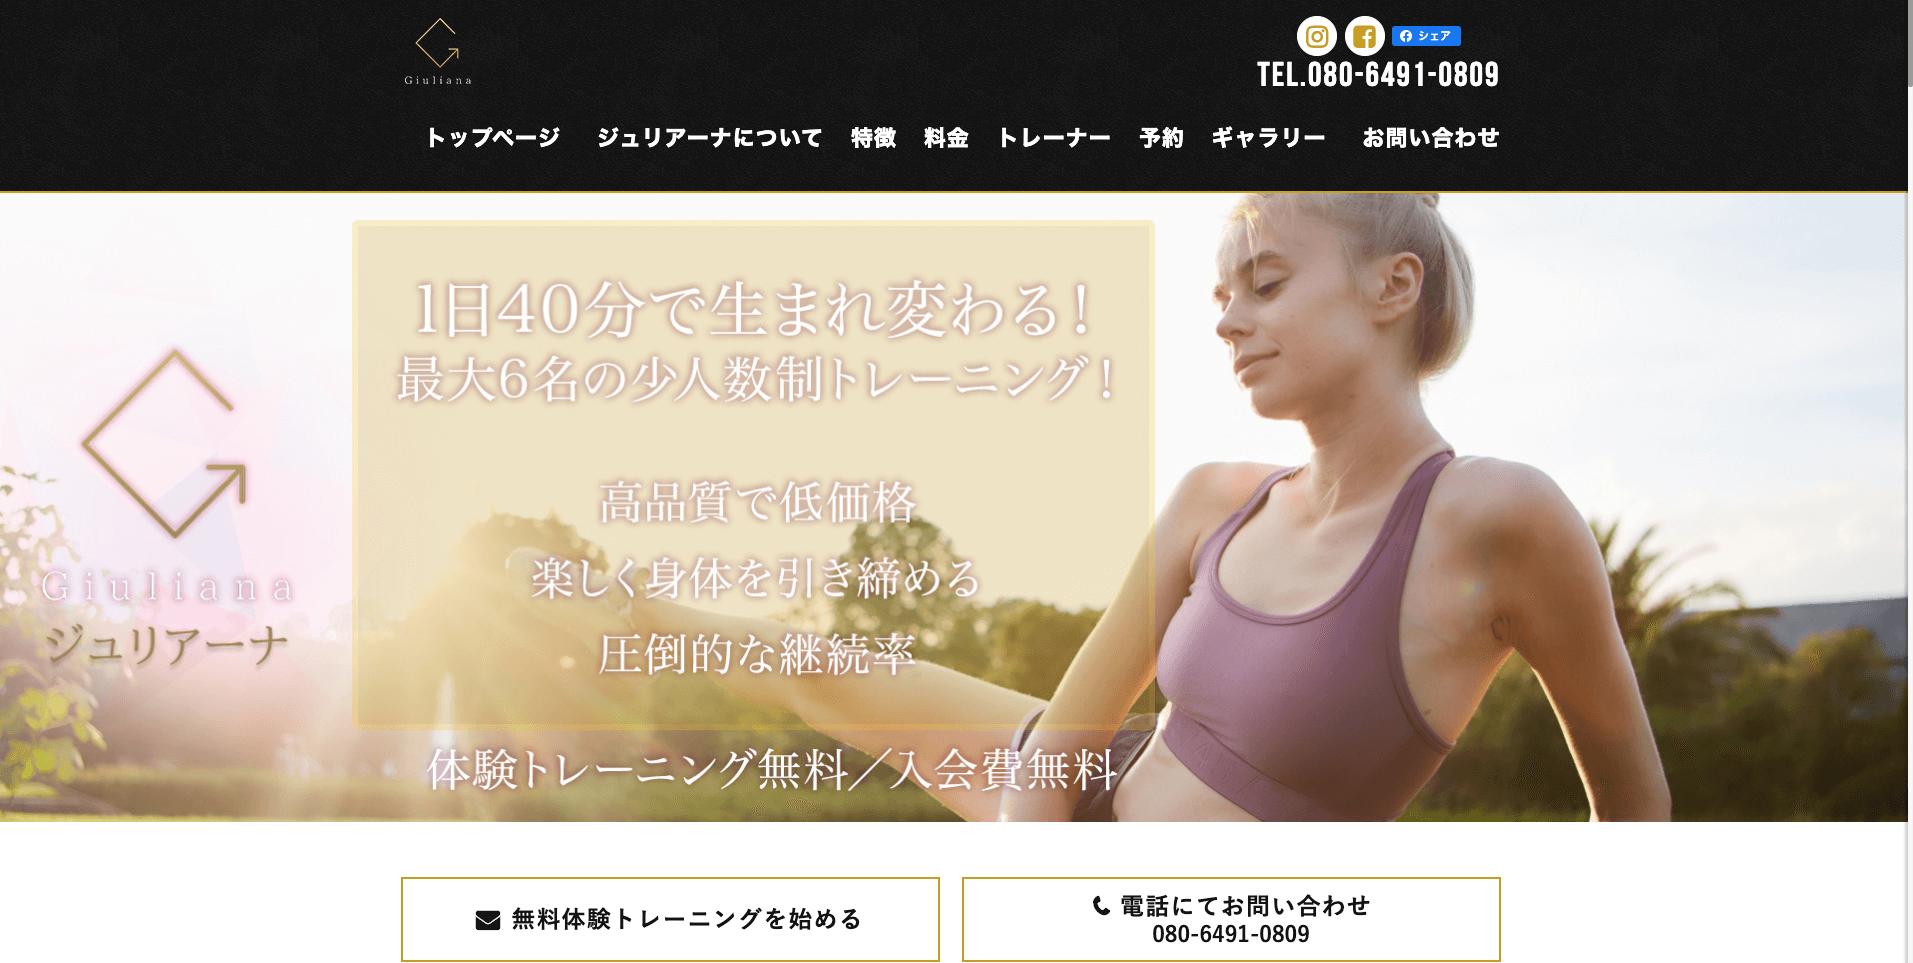 浦添市パーソナルトレーニング・スポーツジムLIKESPORTS【ライクスポーツ】